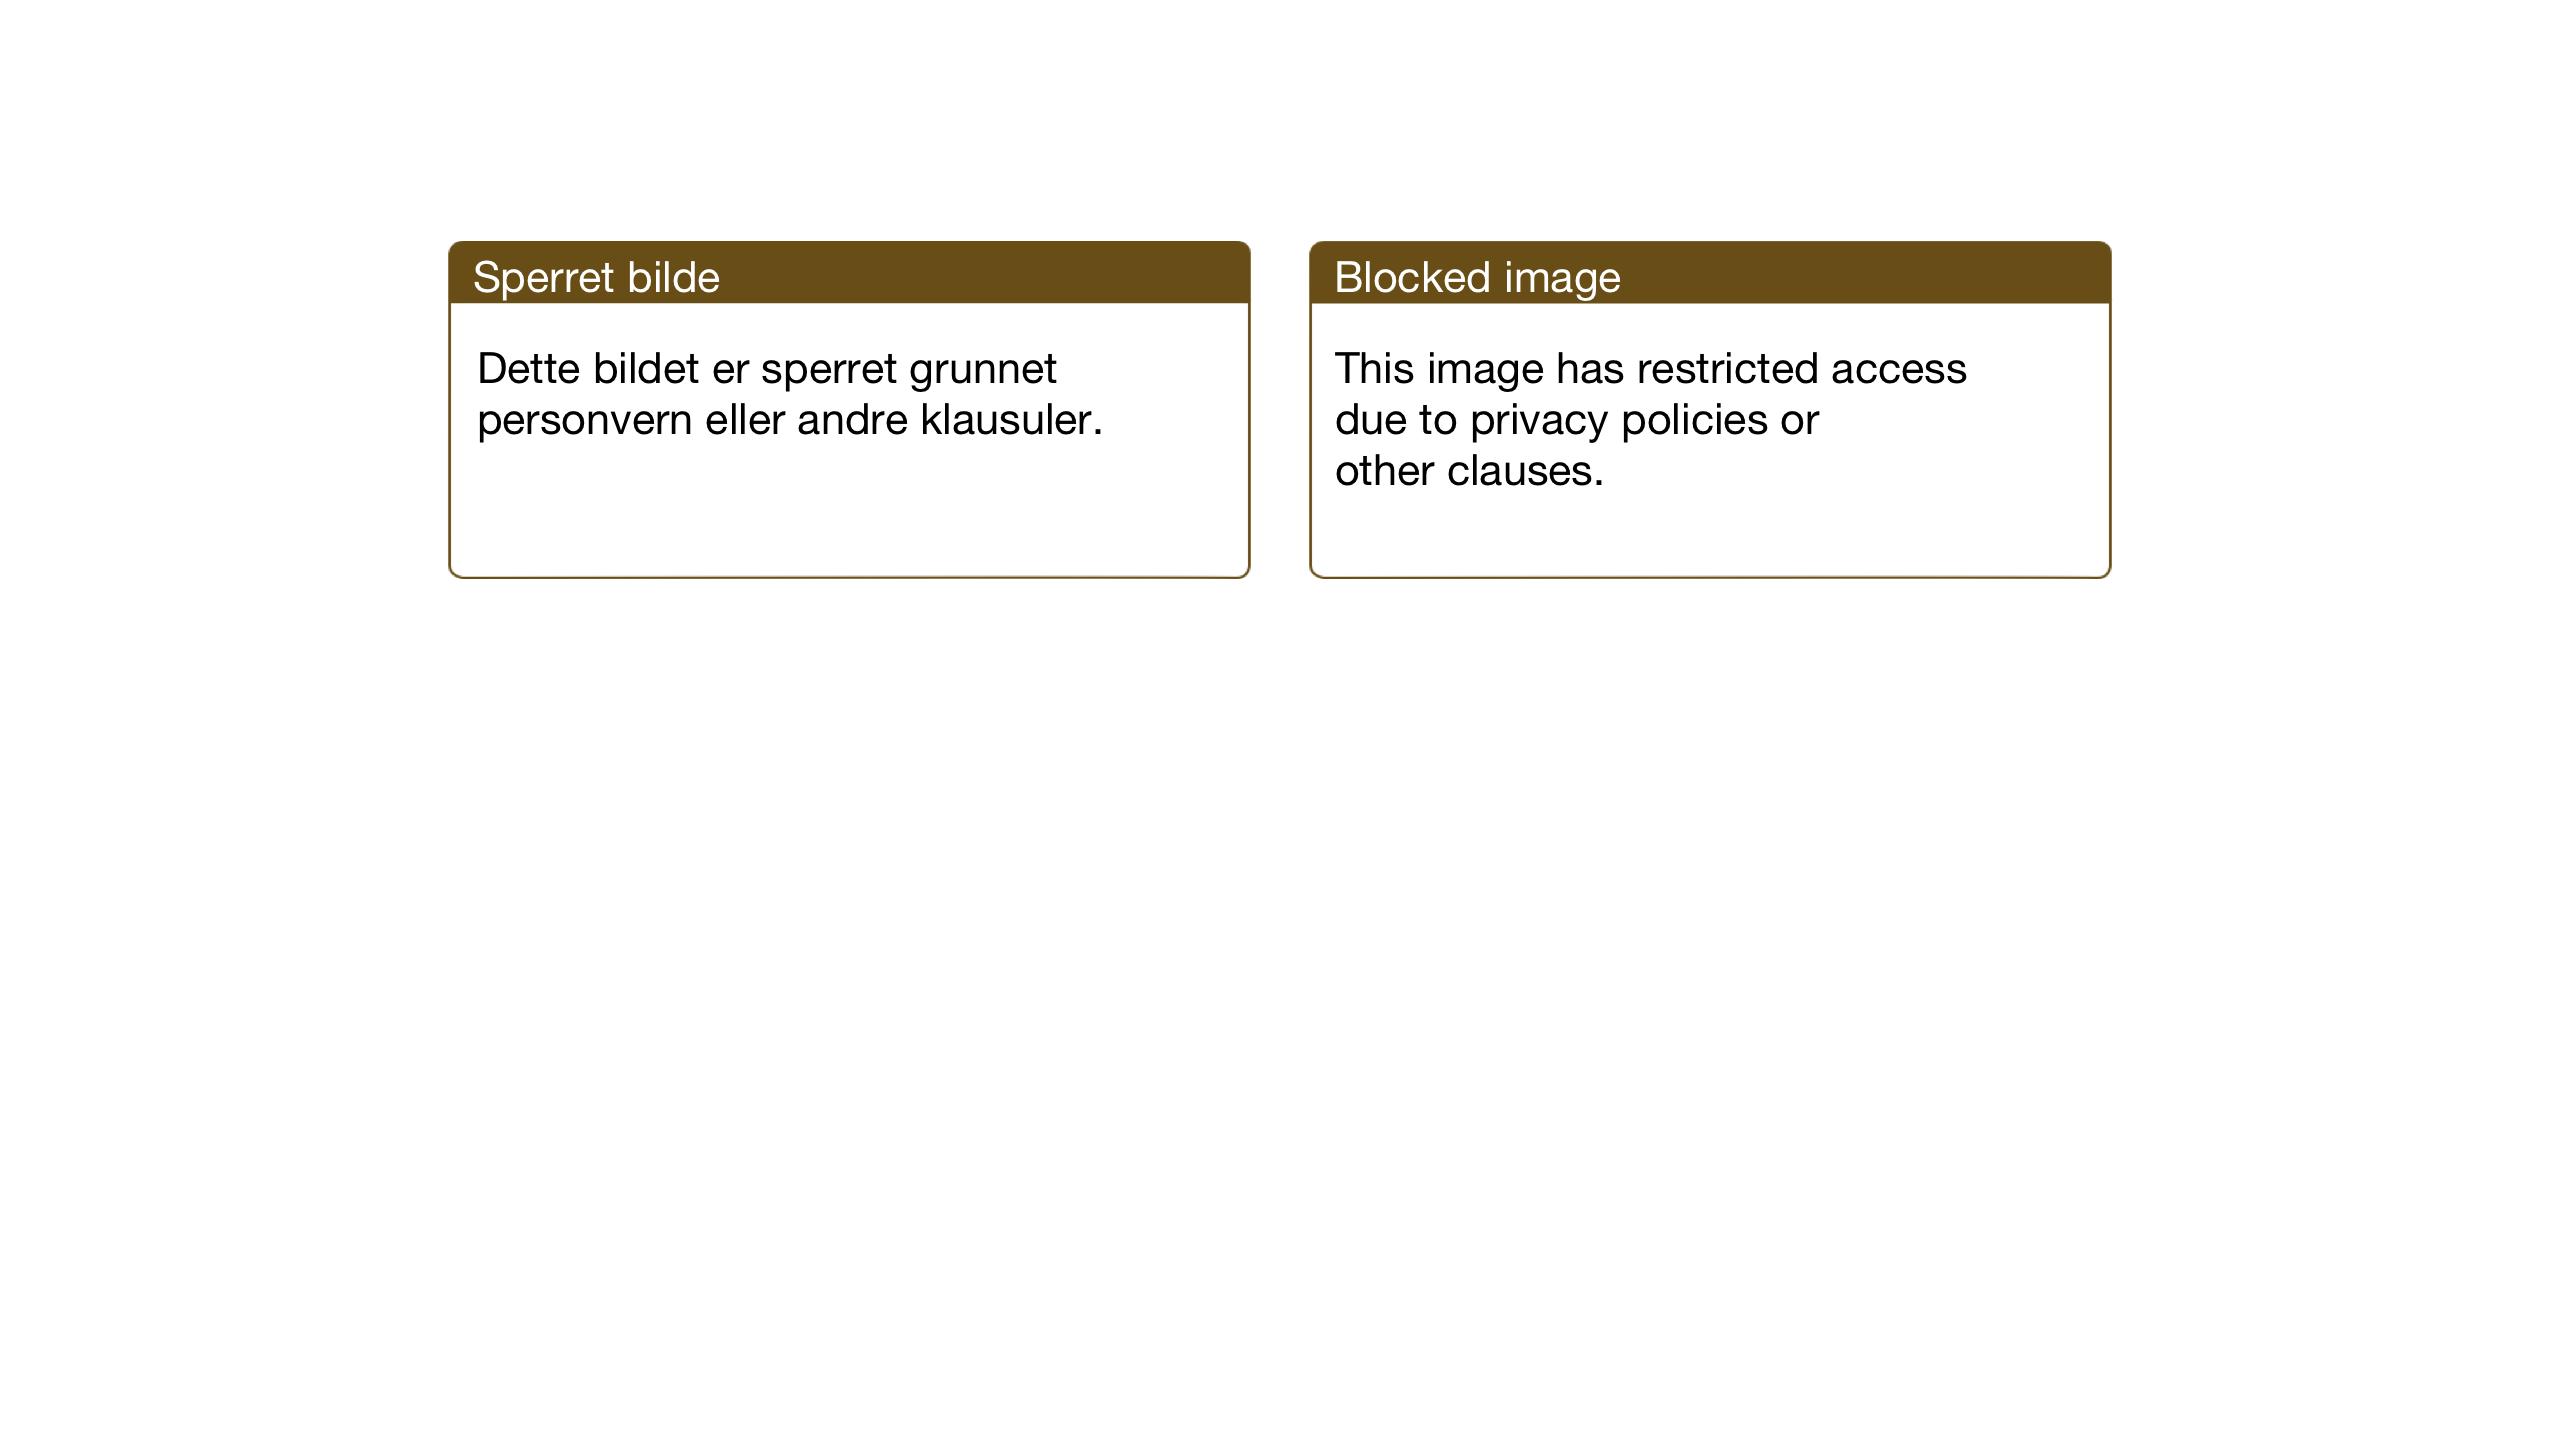 RA, Justisdepartementet, Sivilavdelingen (RA/S-6490), 2000, s. 673